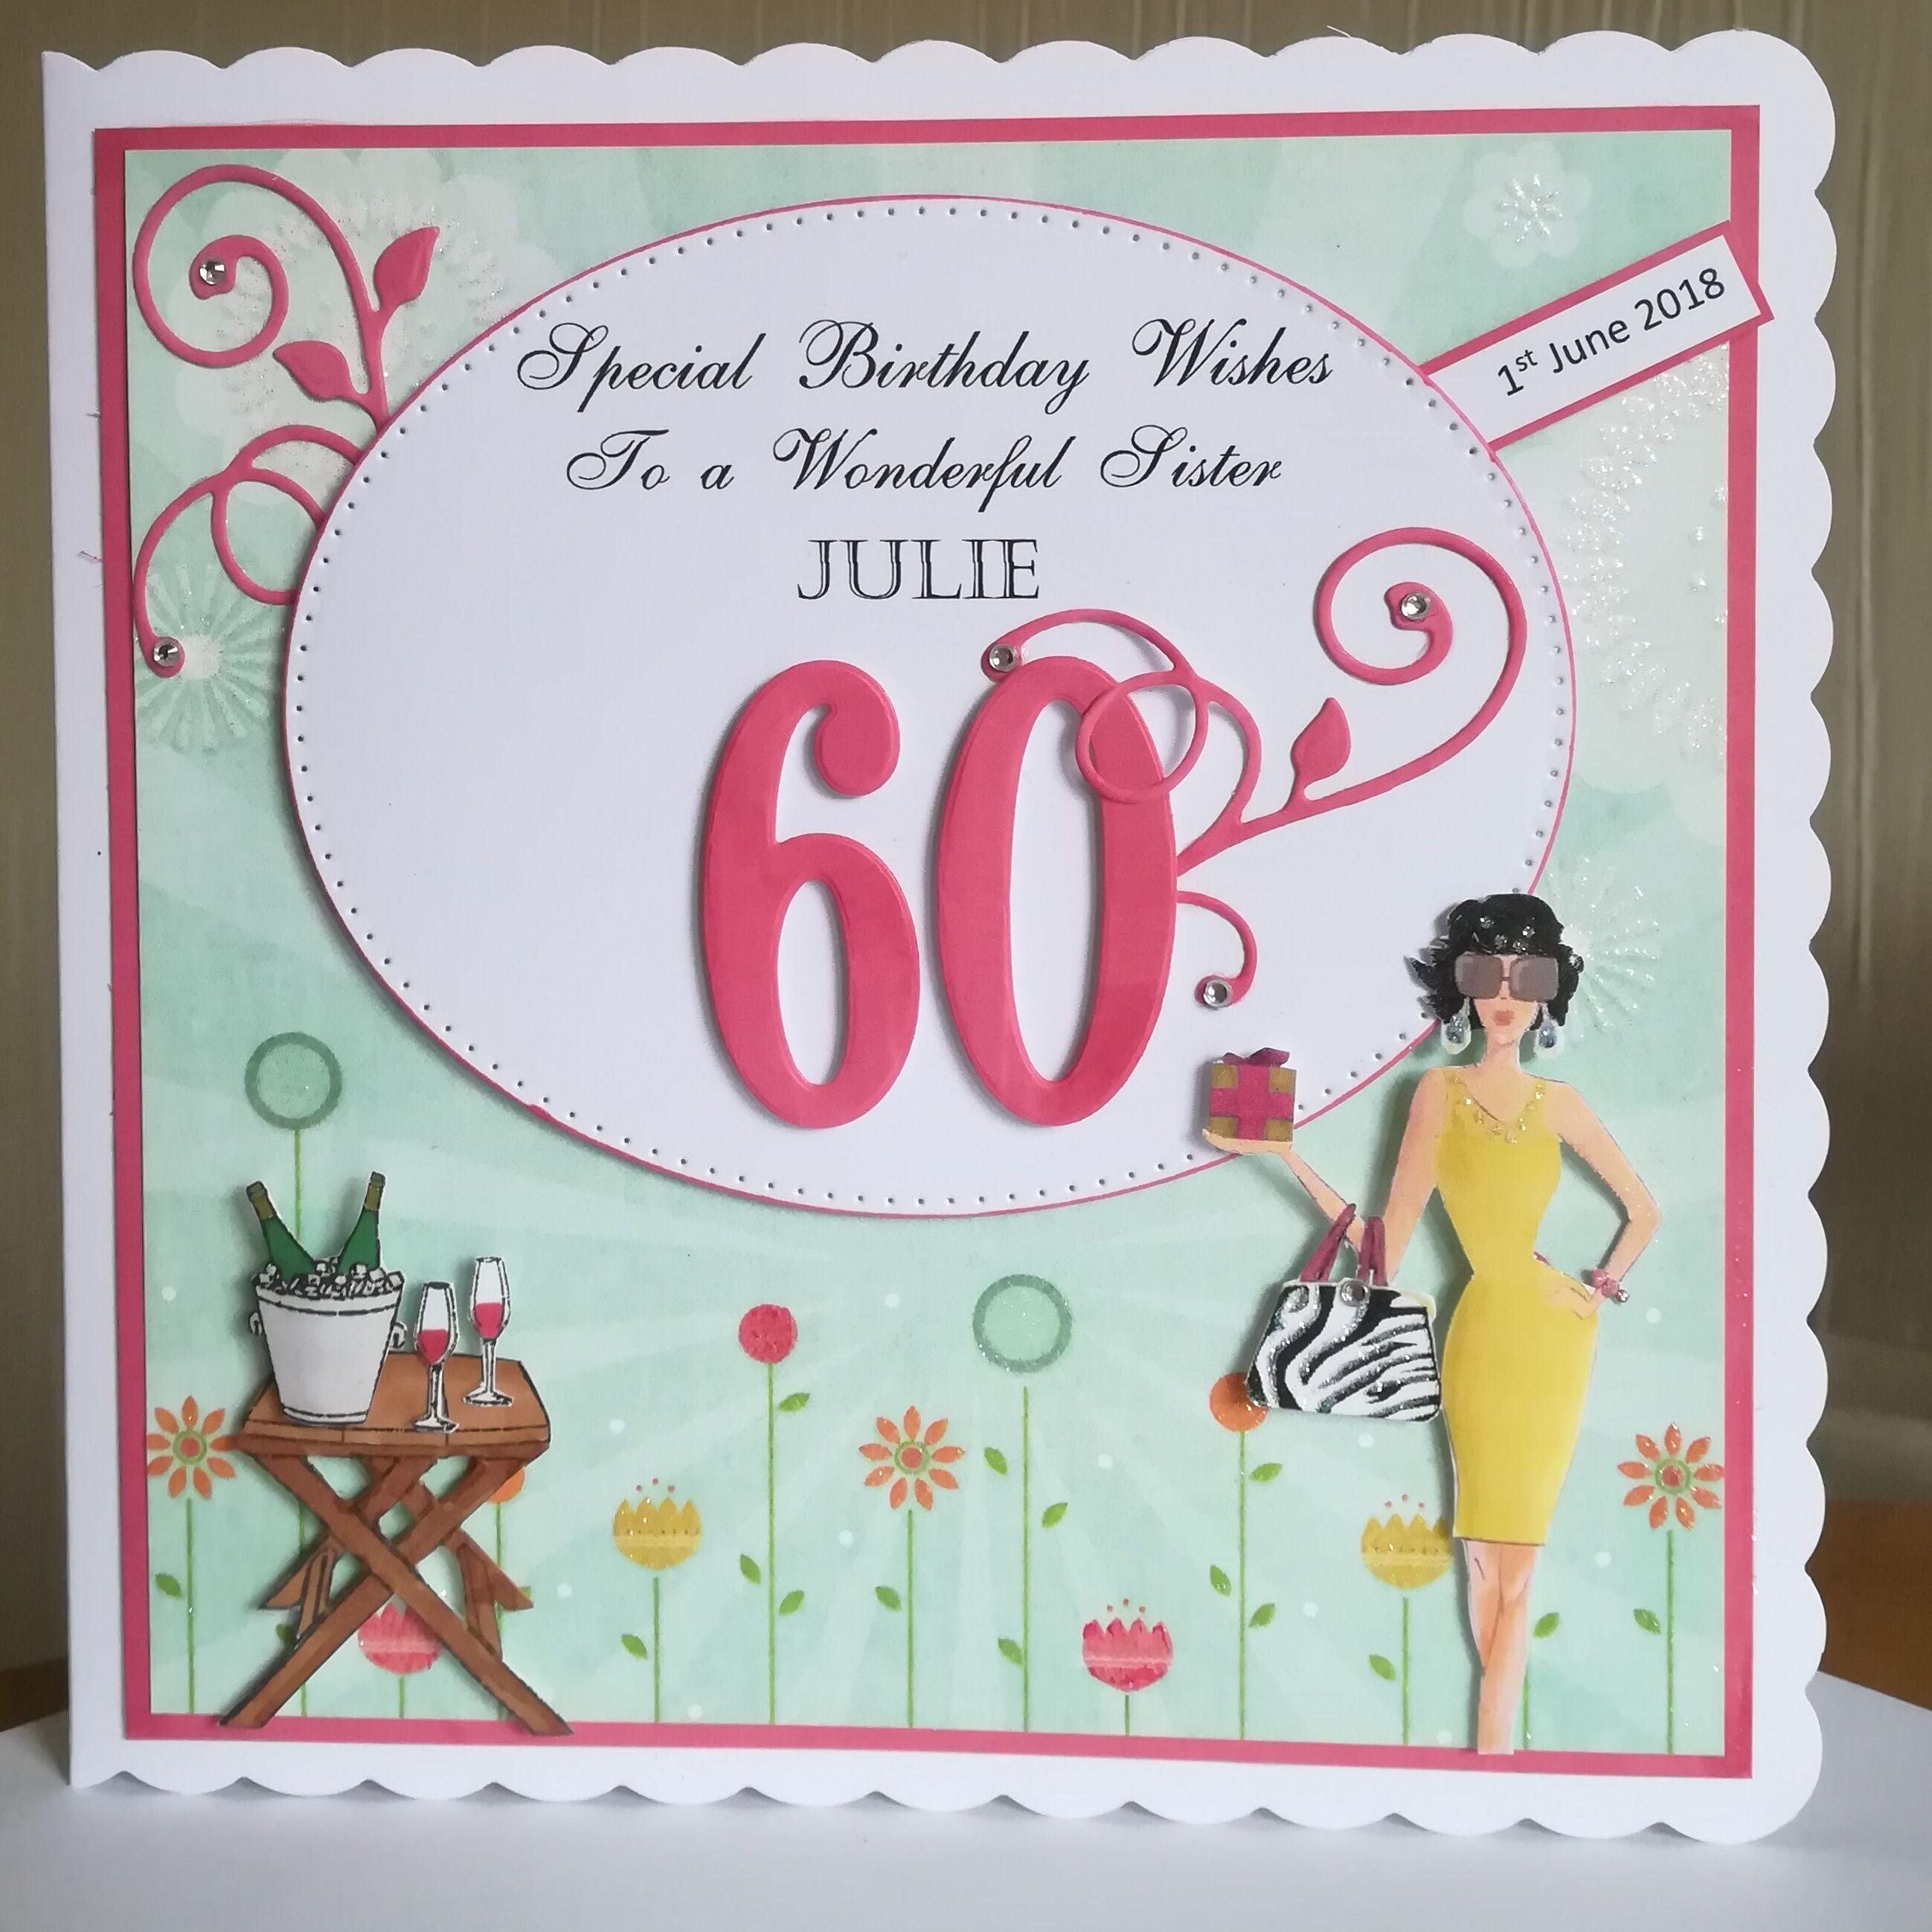 60th Birthday Card Lady Wine 60th Birthday Cards Special Birthday Wishes Handmade Birthday Cards